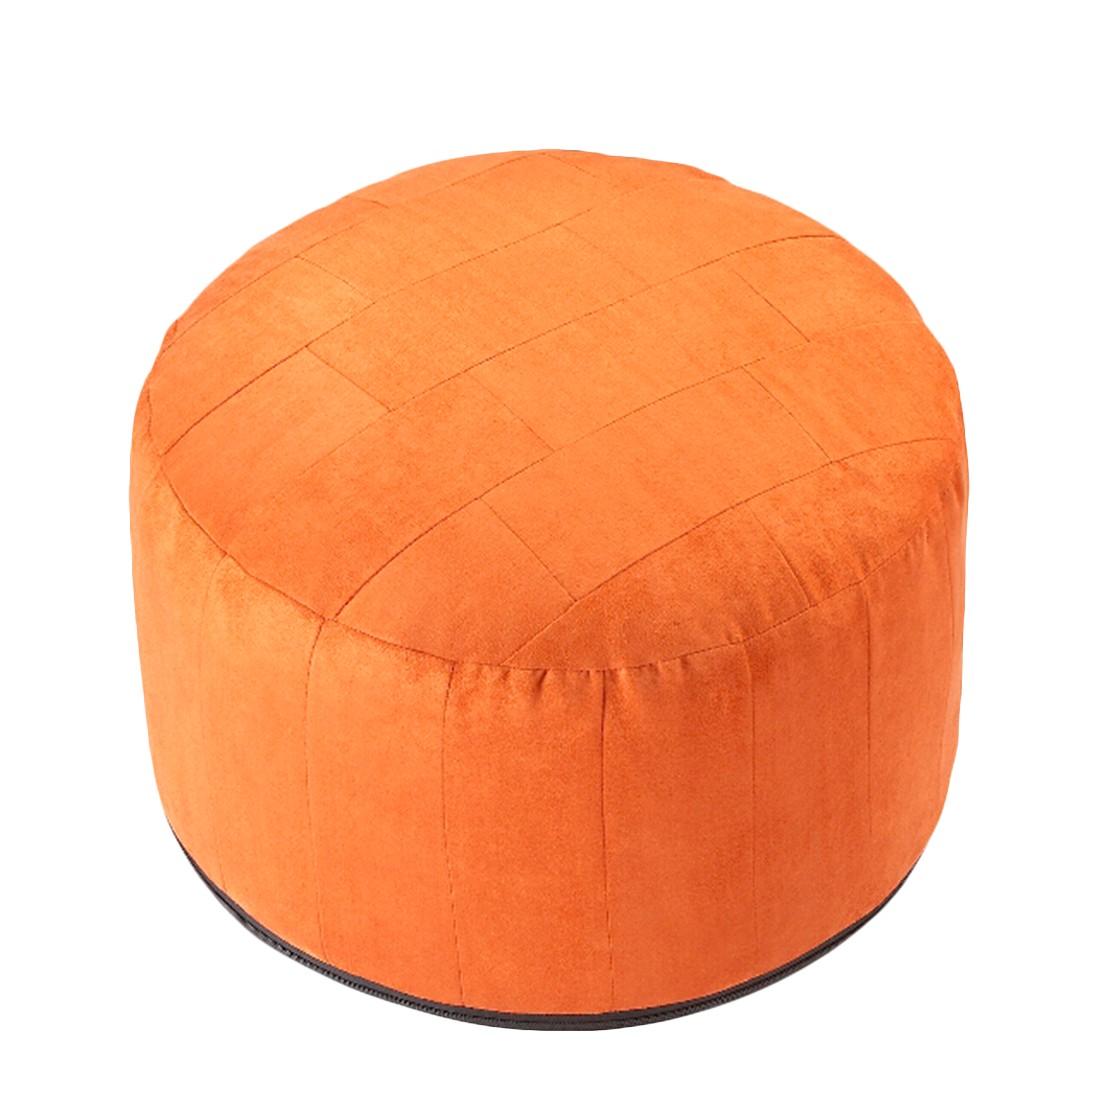 Sitzkissen ALKA Terra – 34 x 50 cm, KC-Handel jetzt bestellen